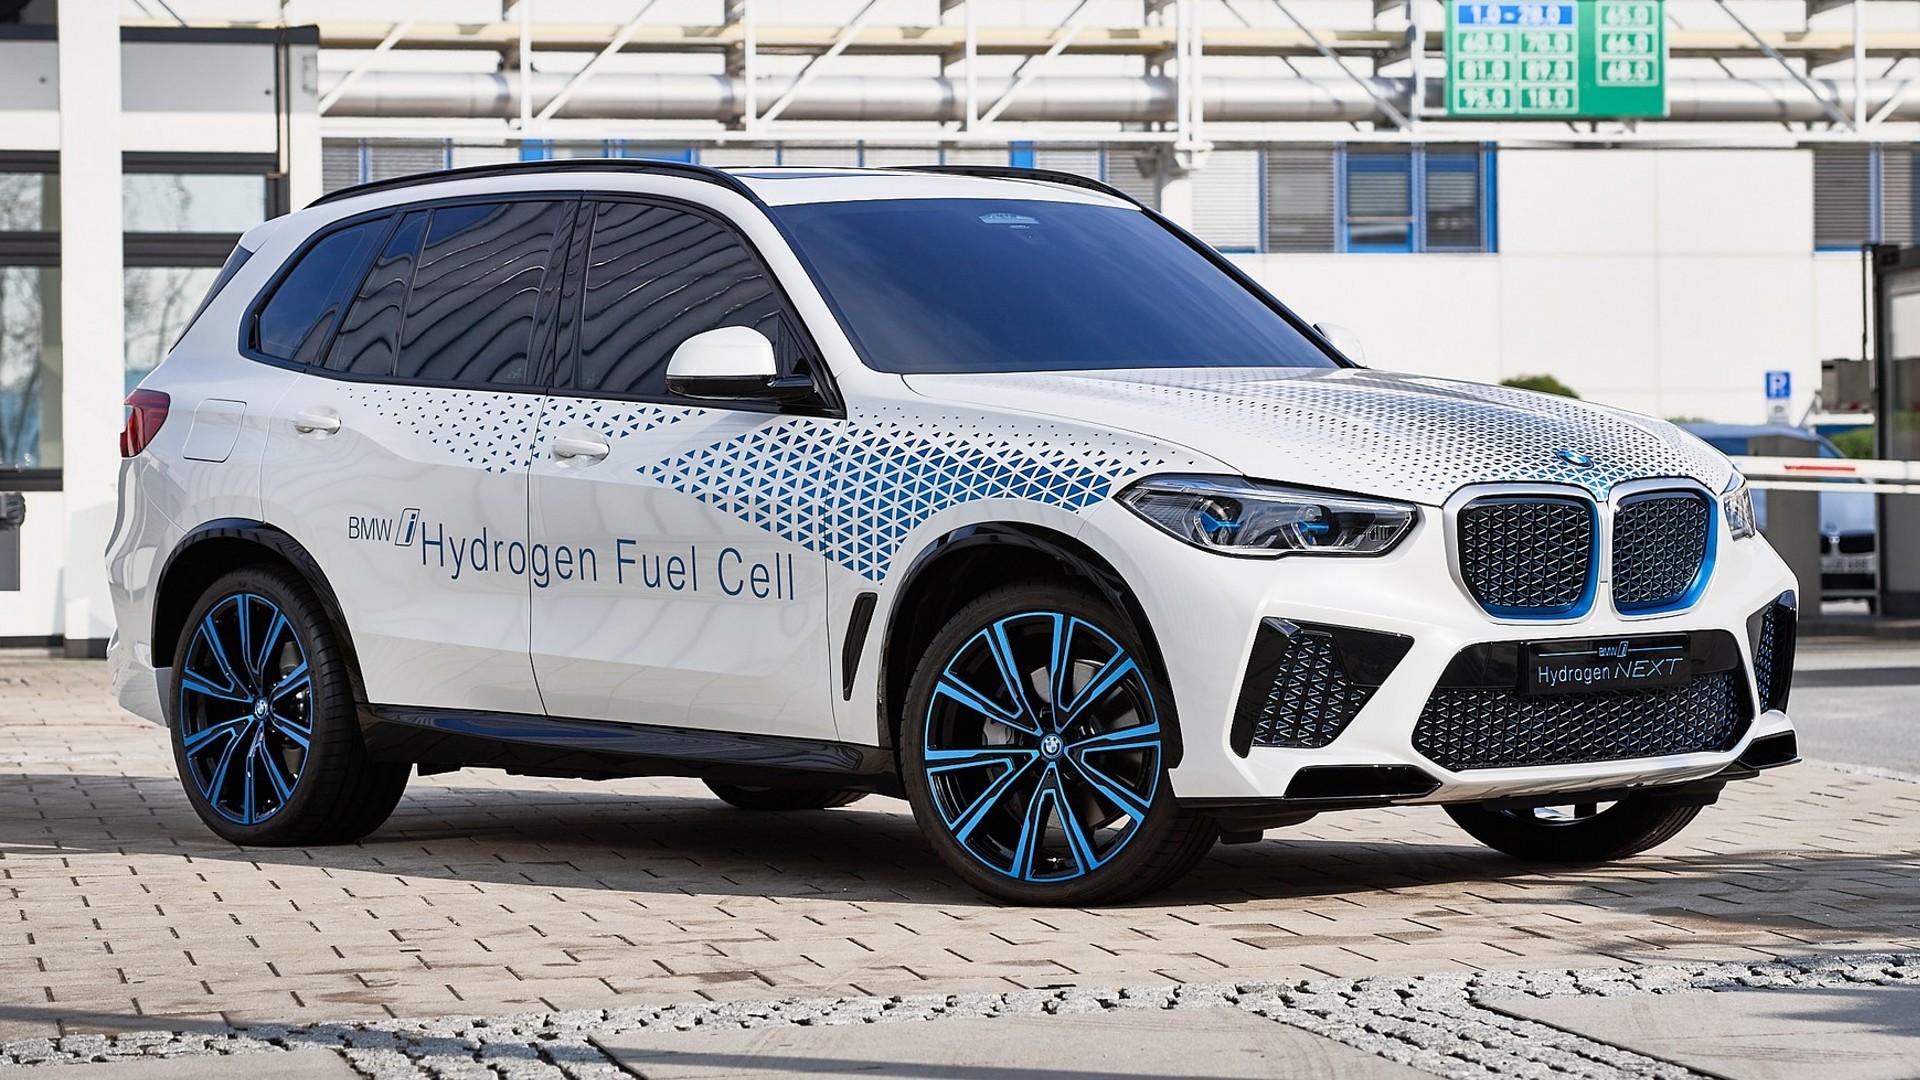 Έρχεται η BMW X5 που θα καίει υδρογόνο! (pics)